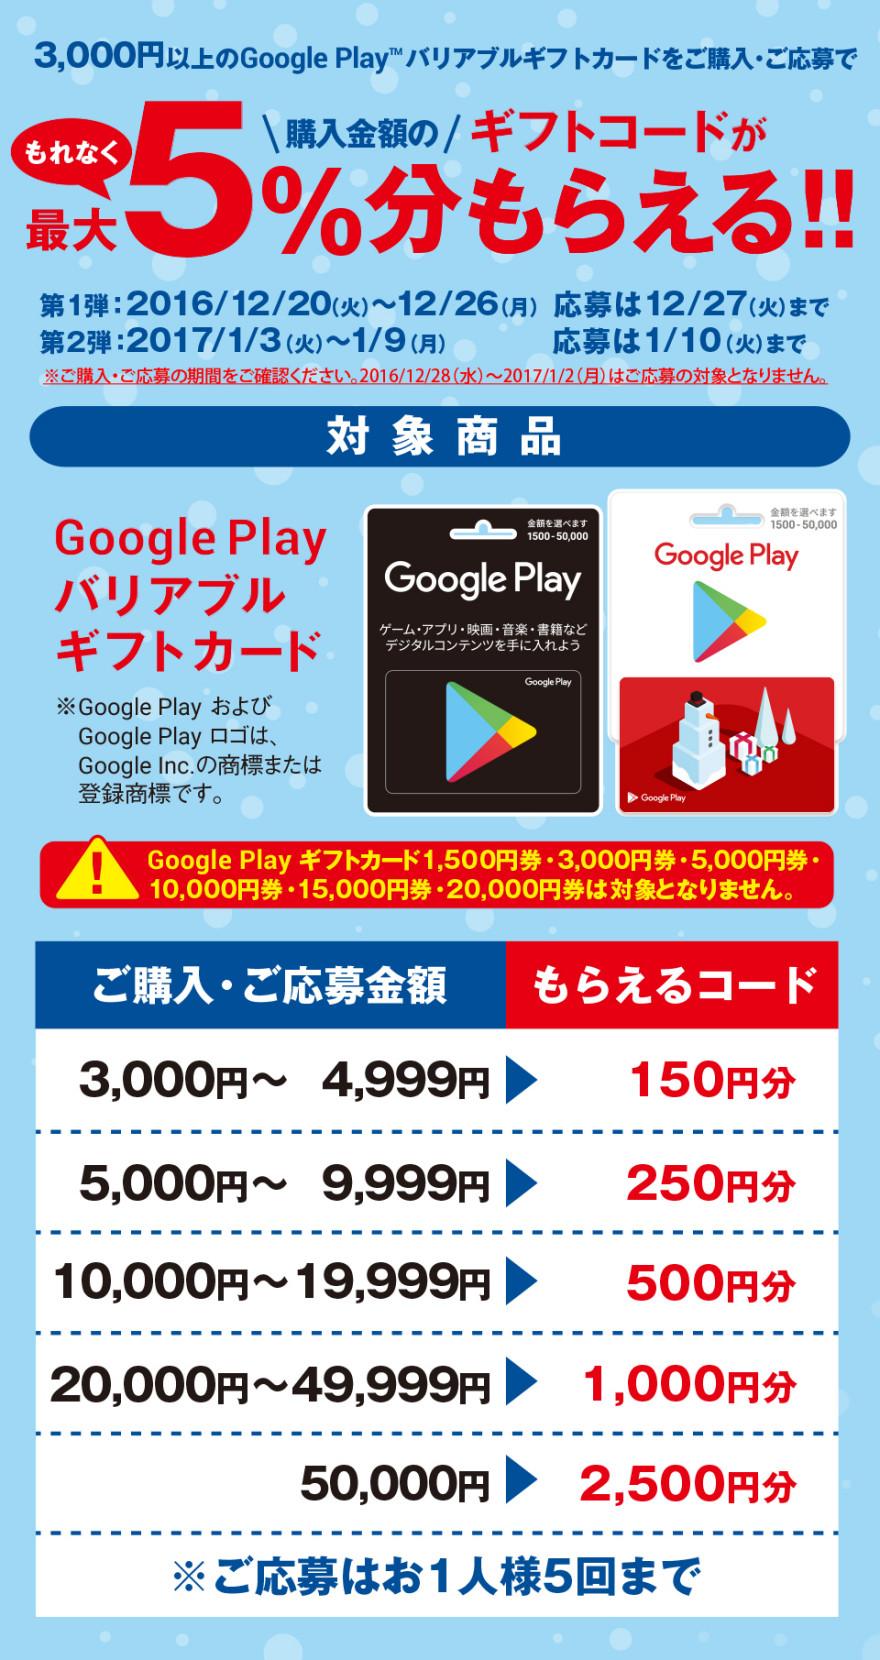 ファミリーマート Google Play  バリアブル ギフトカードプレゼントキャンペーン!お知らせ